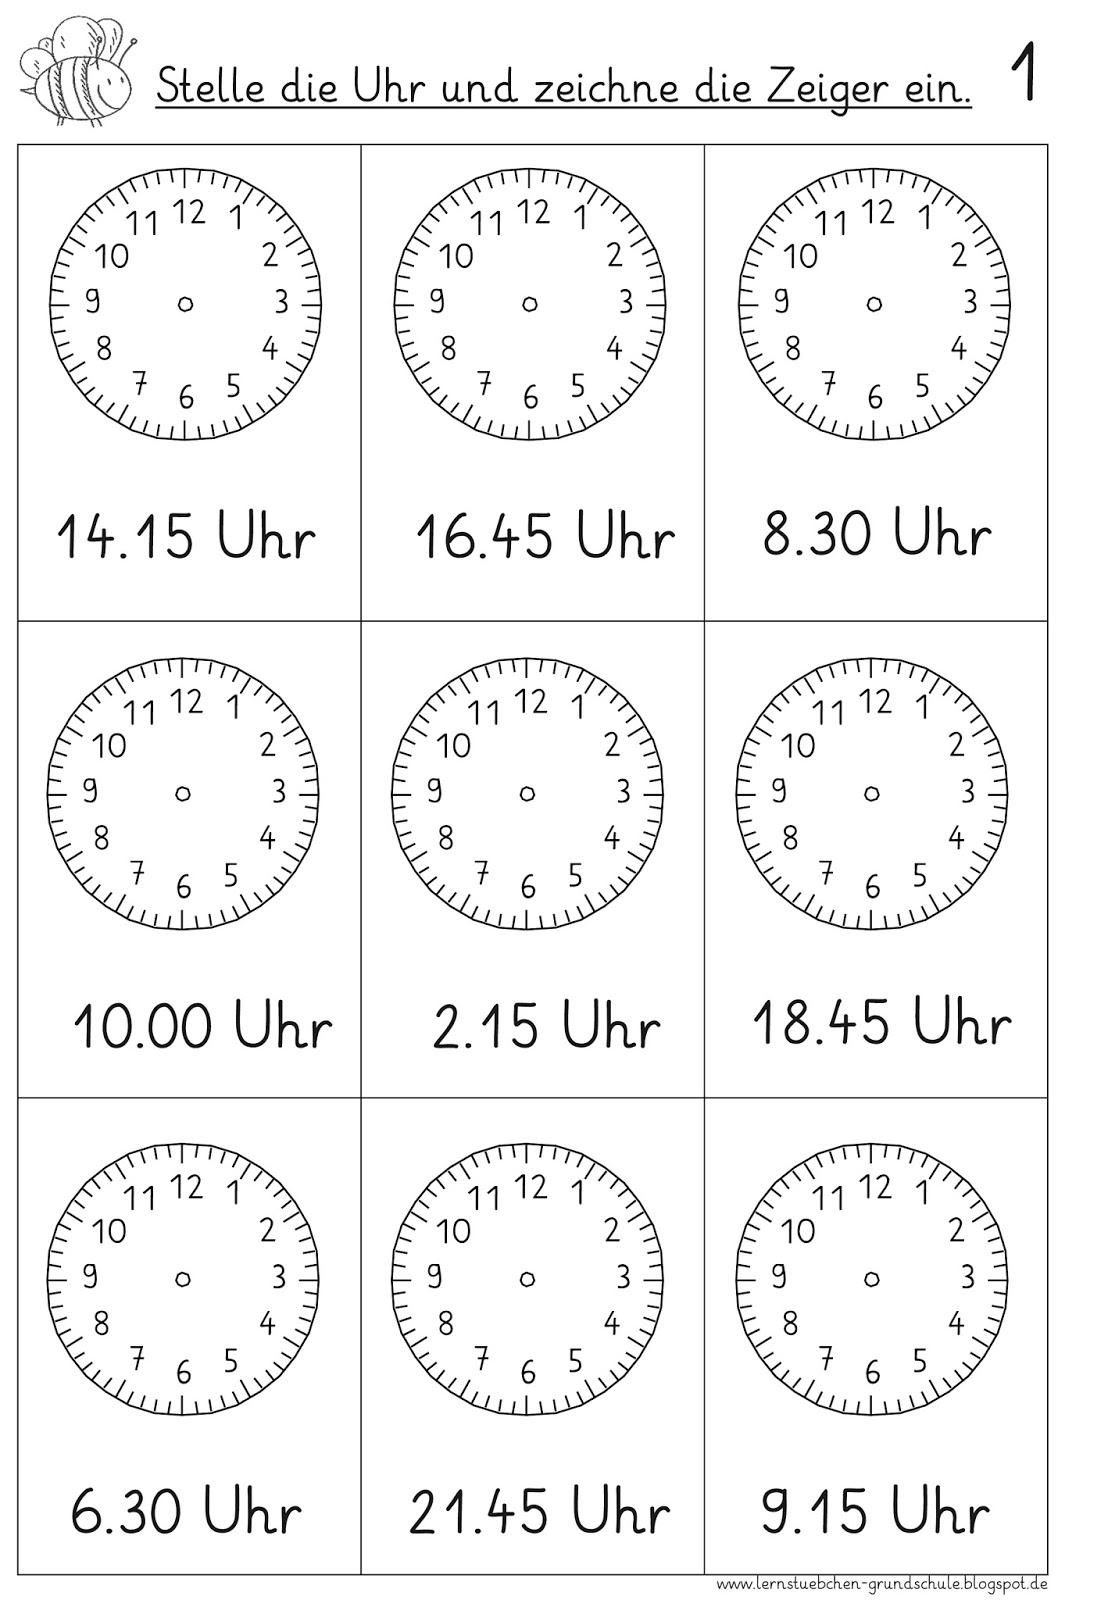 Lernstubchen Vorgegebene Uhrzeiten Einstellen 7